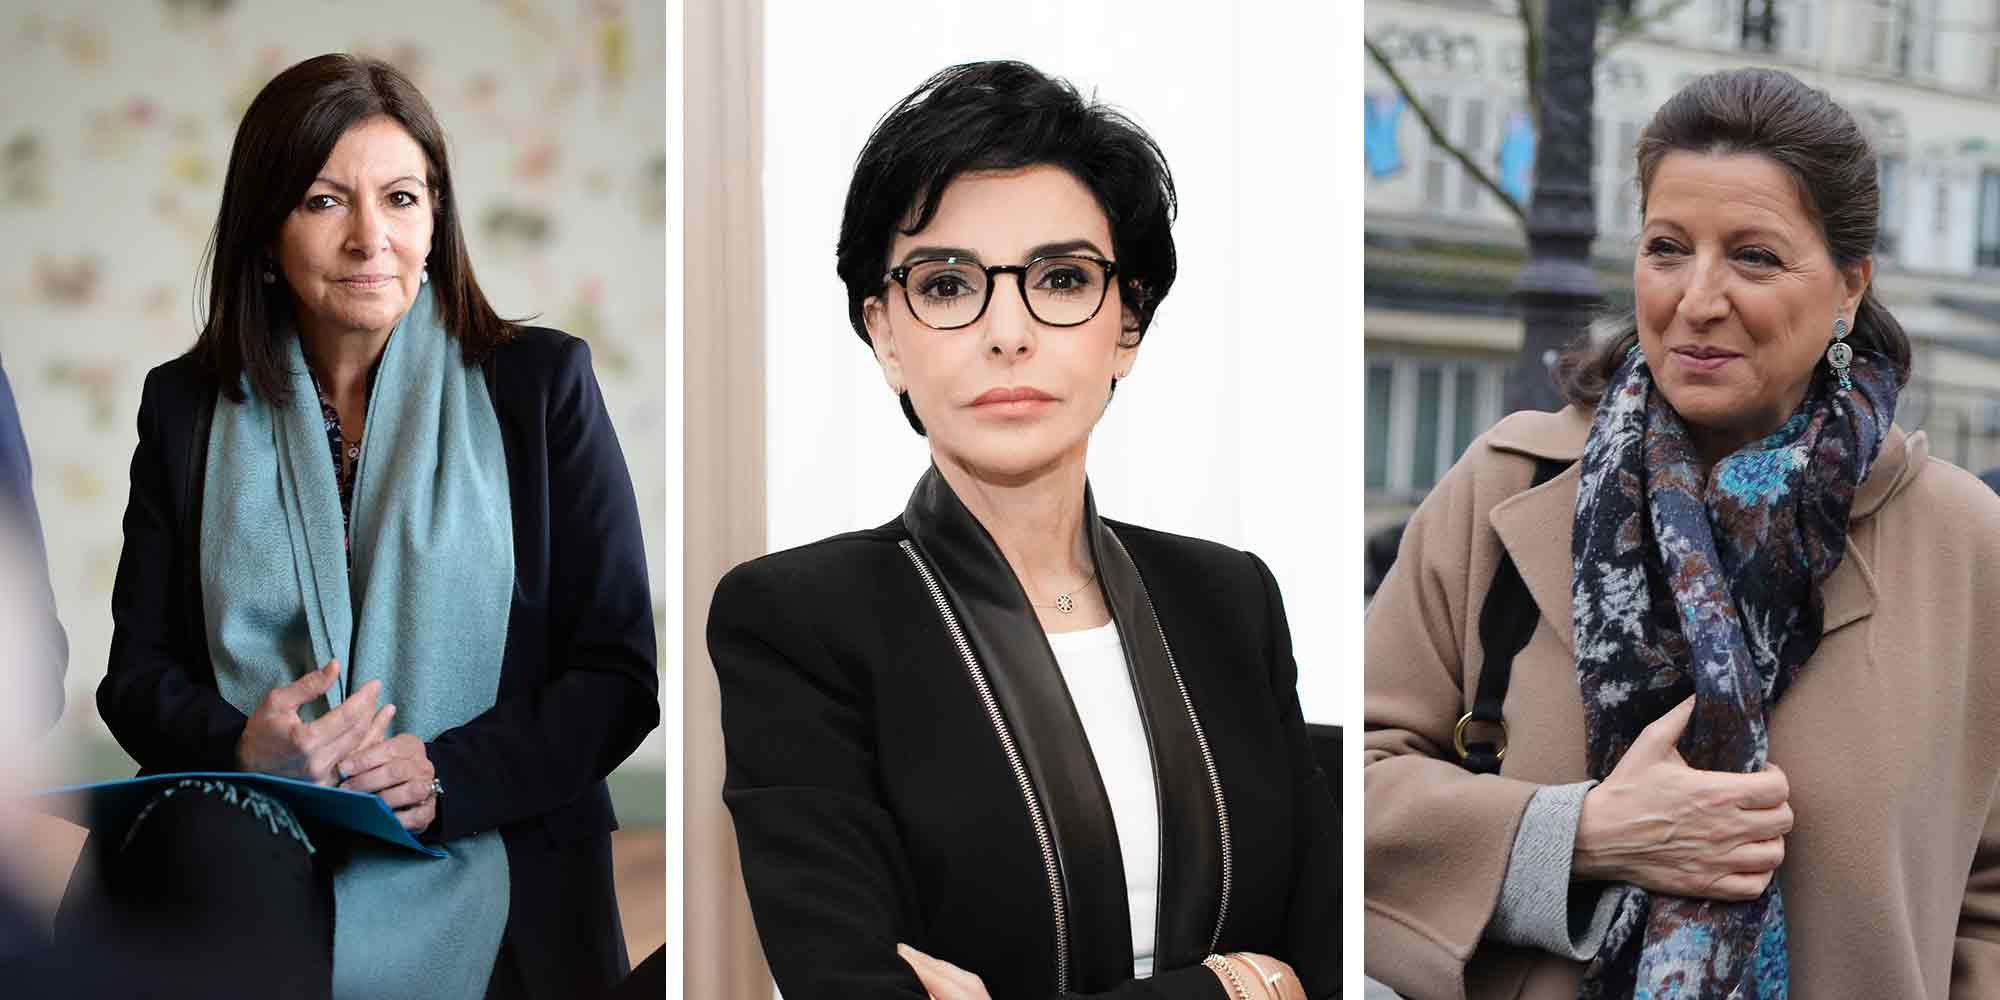 SONDAGE. Municipales à Paris : Anne Hidalgo reste en tête, Rachida Dati monte, Agnès Buzyn s'affirme